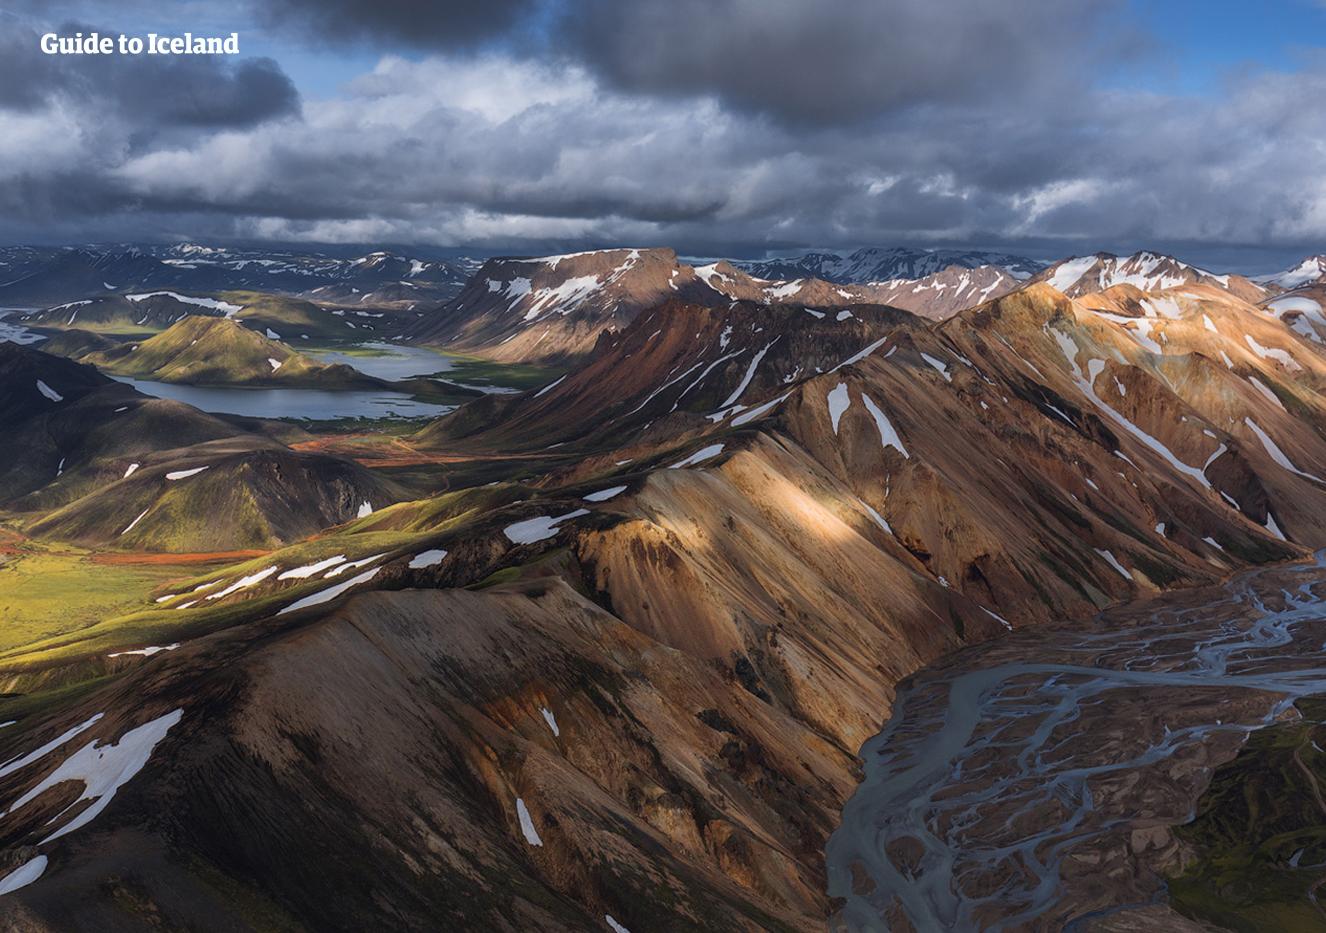 冰岛内陆高地的兰德曼纳劳卡彩色火山地带